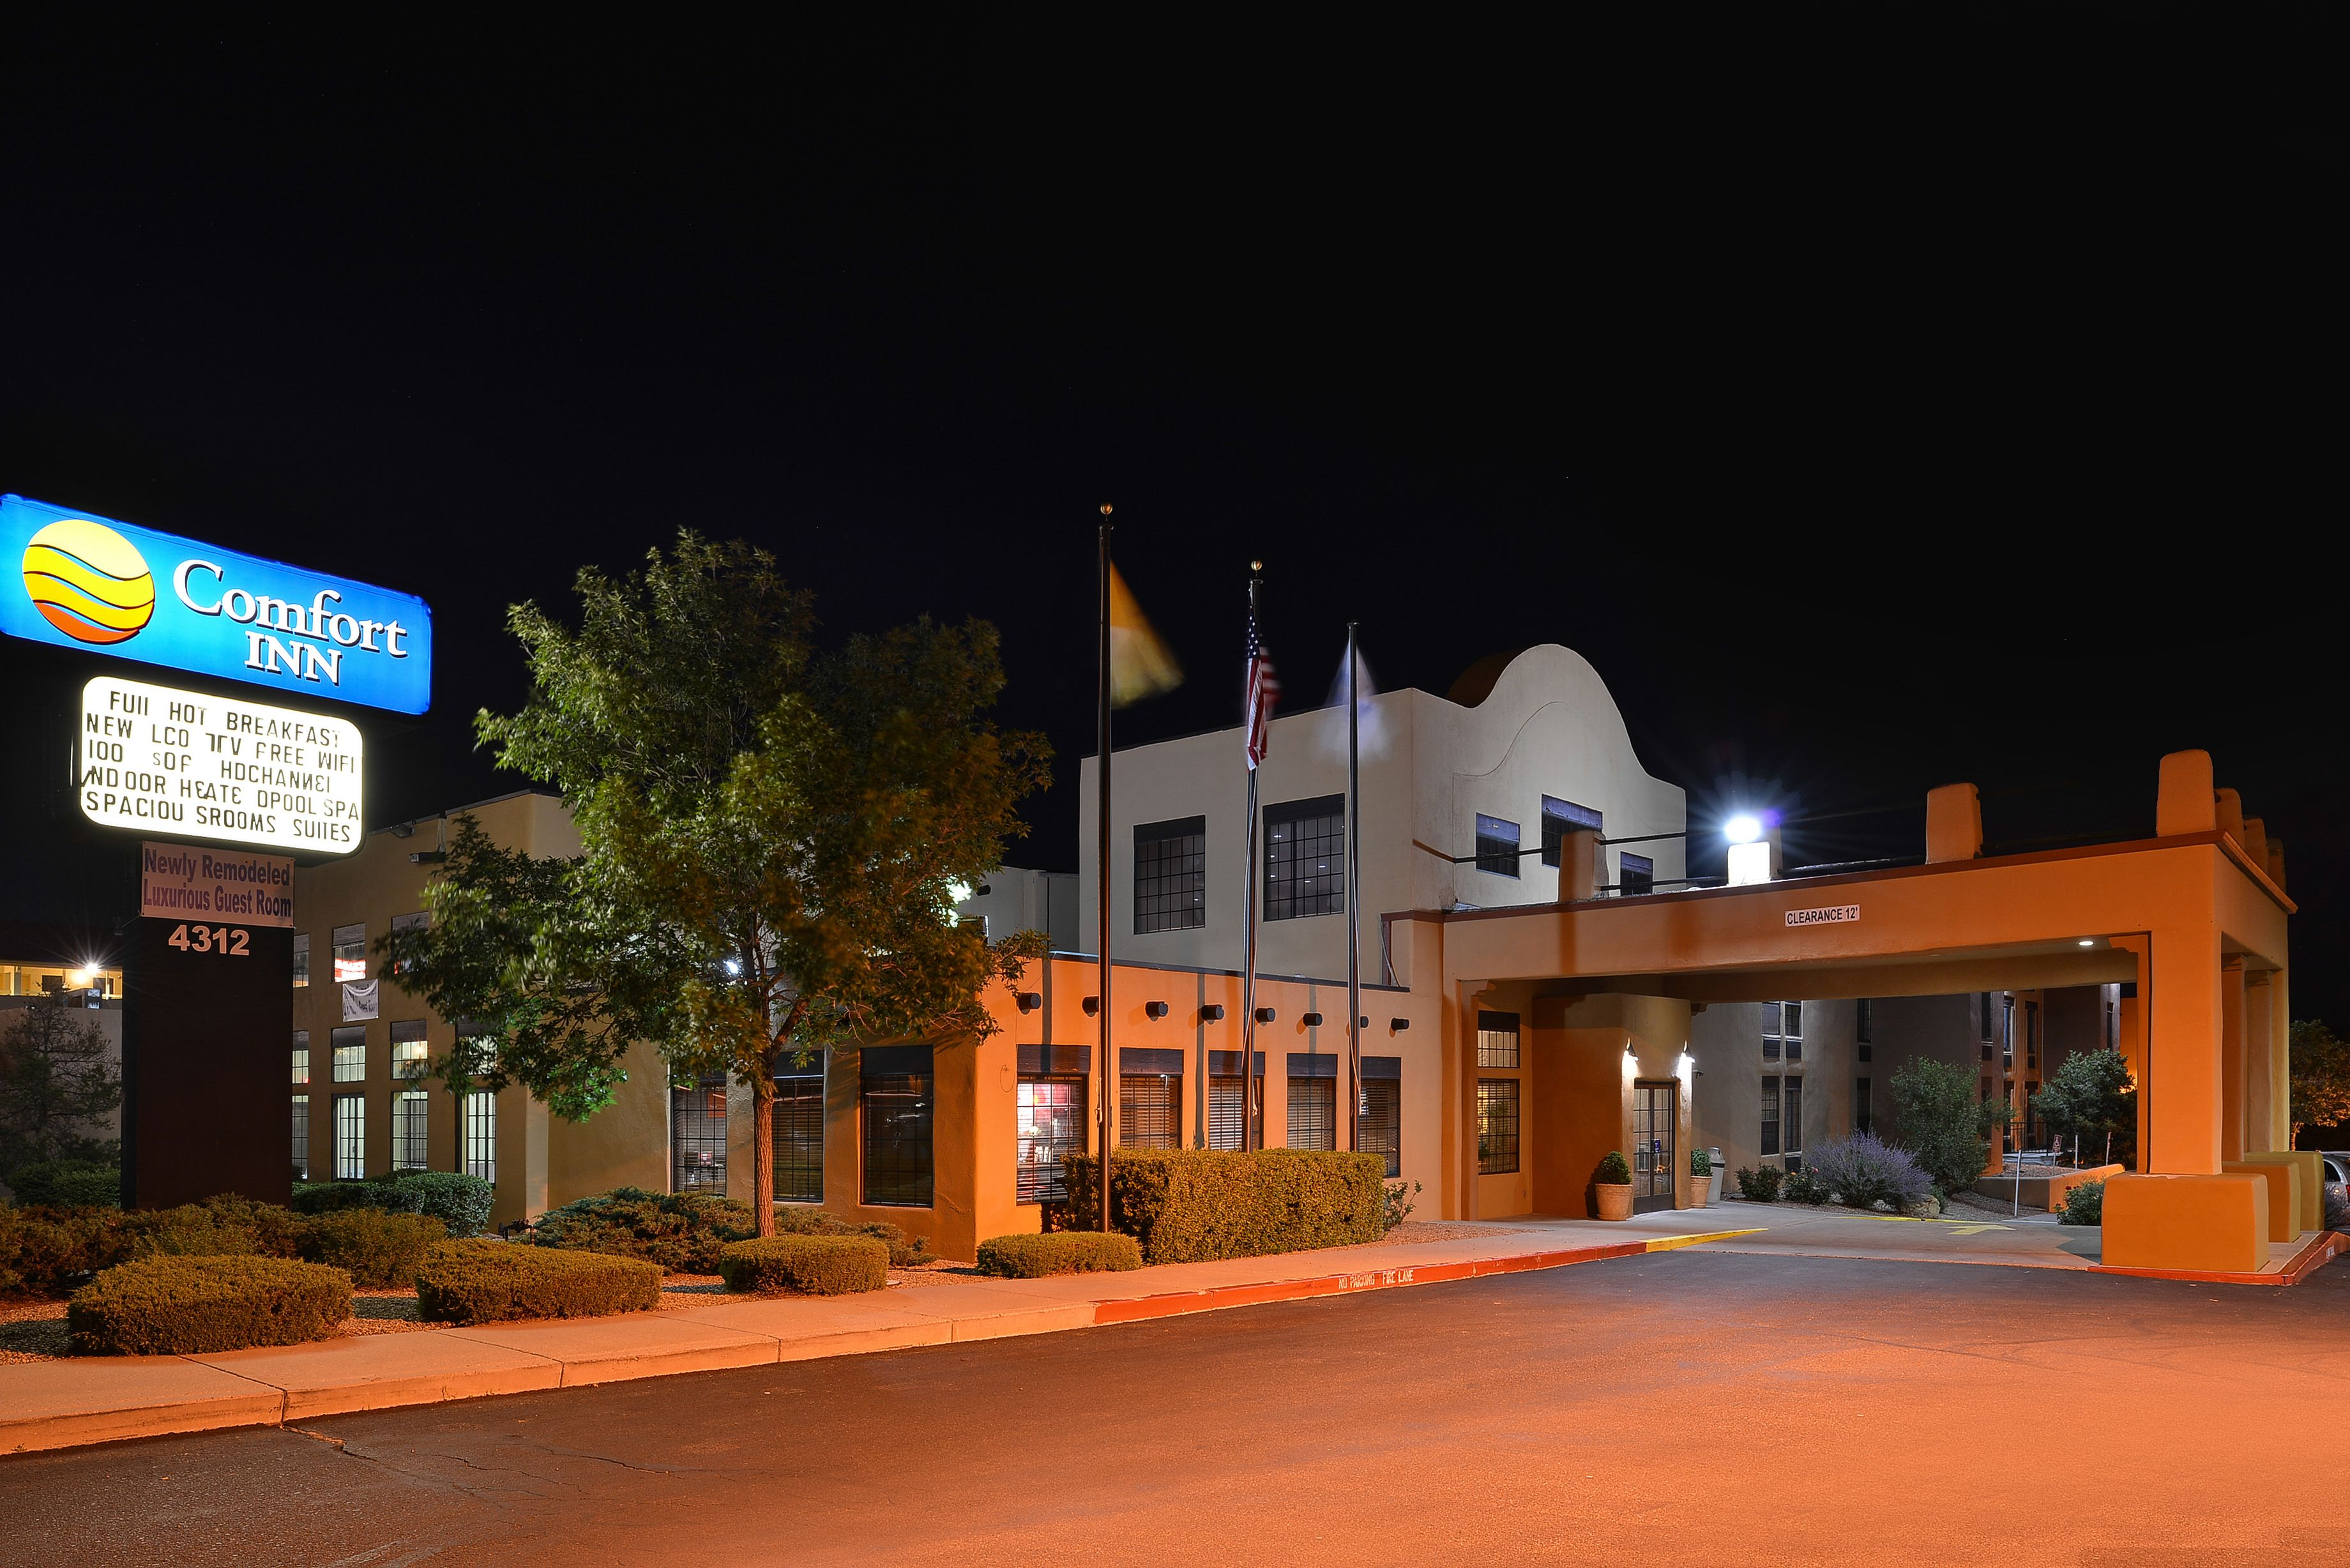 Satan Fe Comfort Inn 4312 Cerrillos Road Santa Fe Nm 87507 Trip